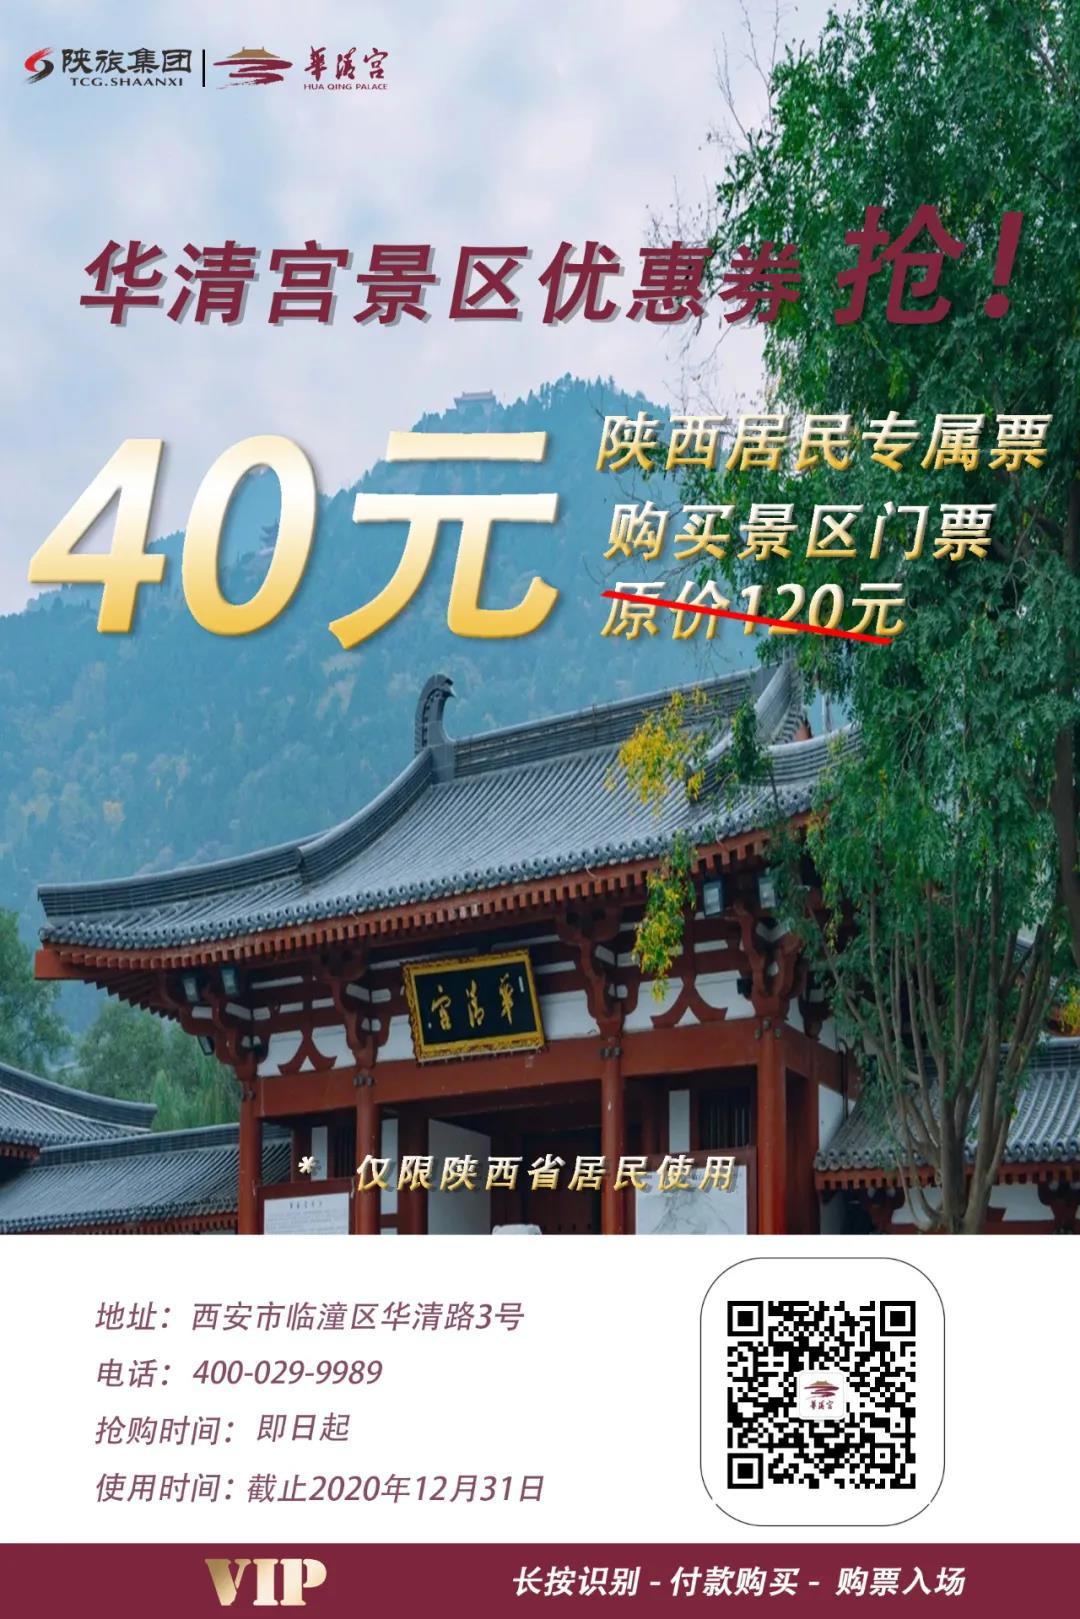 微信图片_20201026092303.jpg